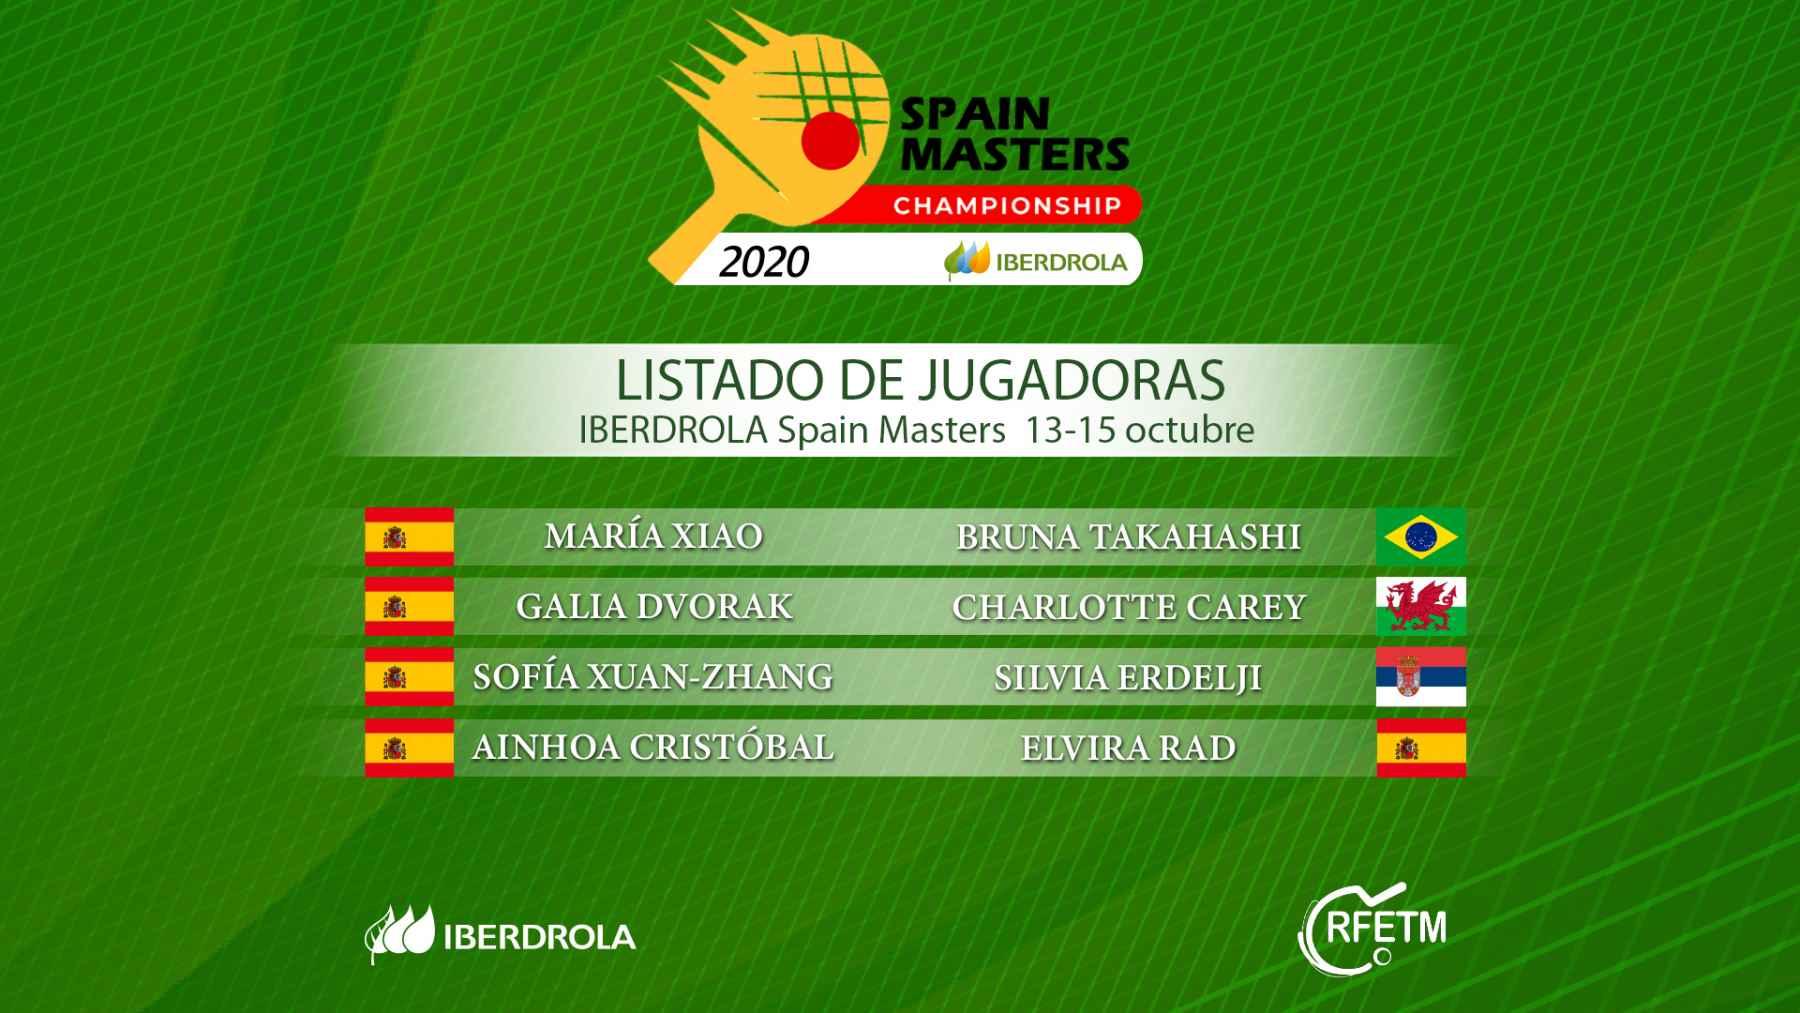 Listado oficial de deportistas I Iberdrola Spain Masters 2020